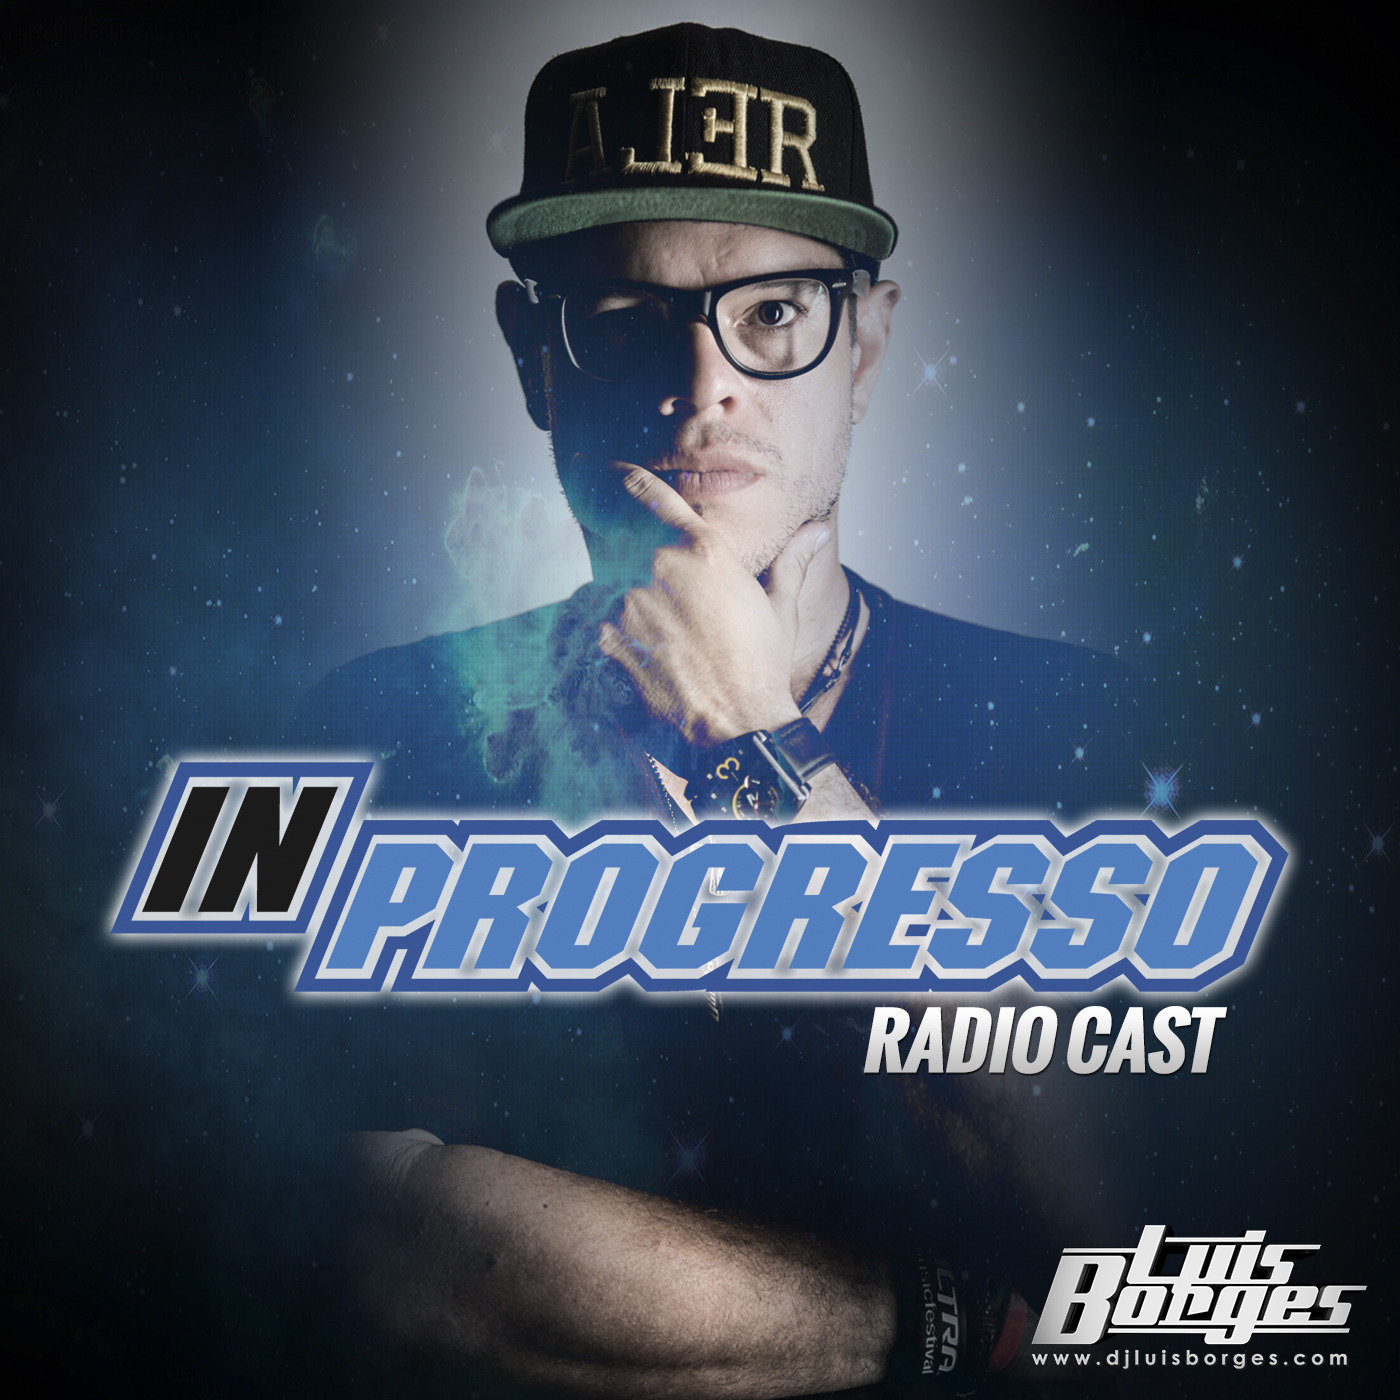 <![CDATA[In Progresso Radio Cast]]>